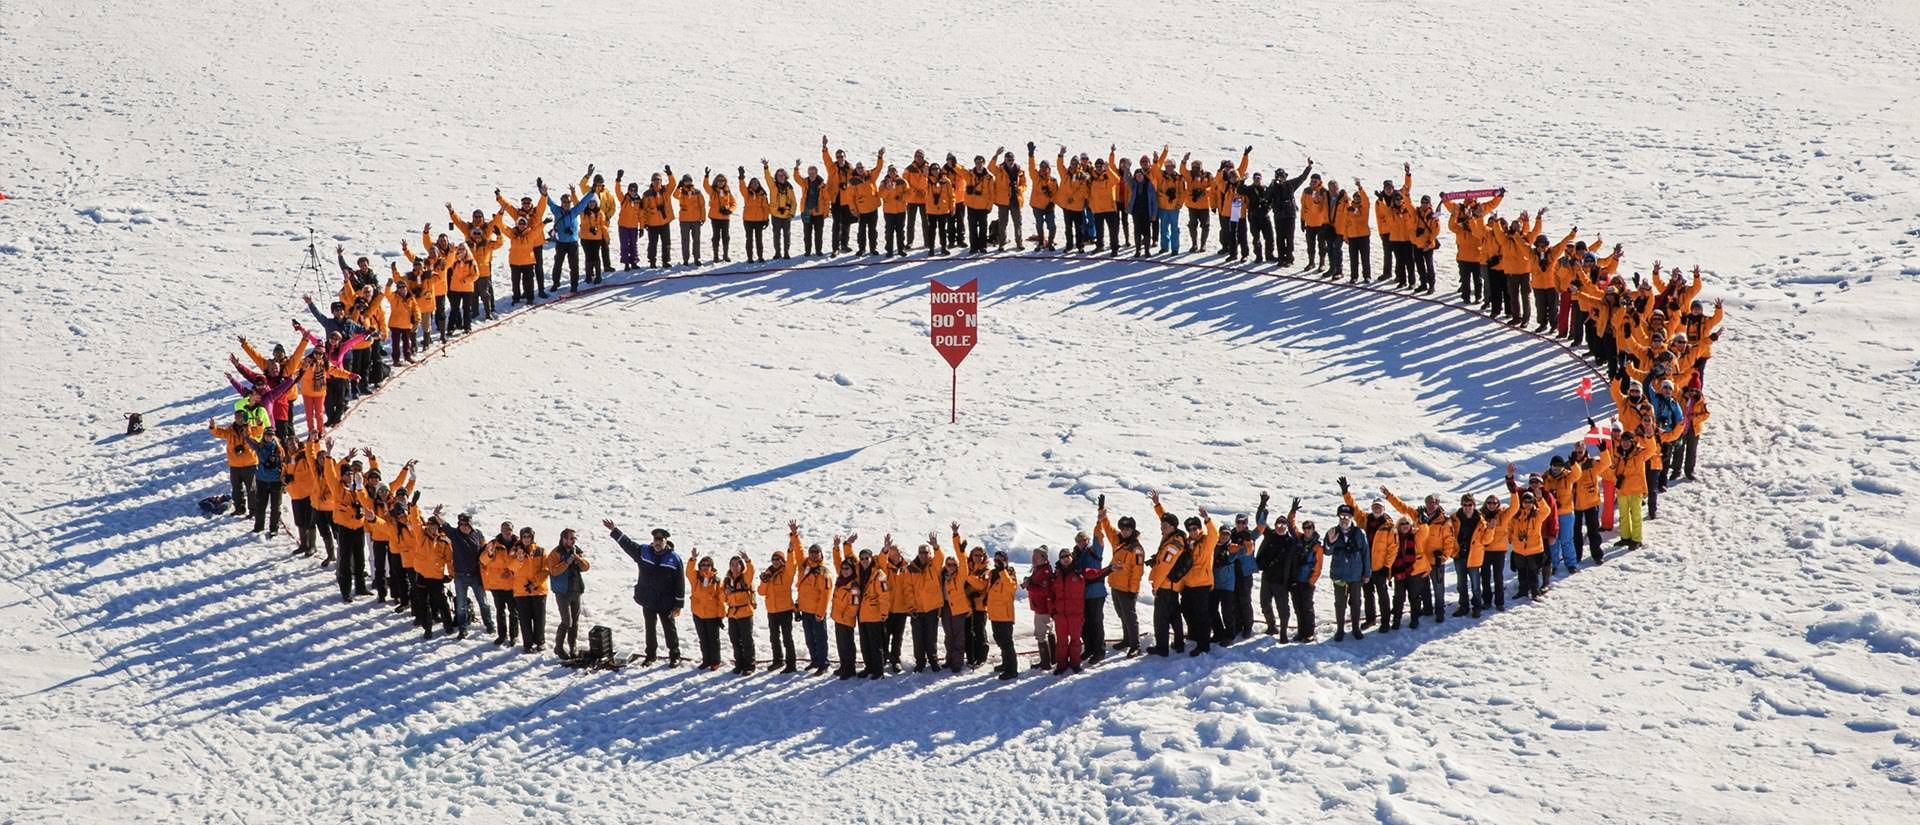 טיולים לקוטב הצפוני